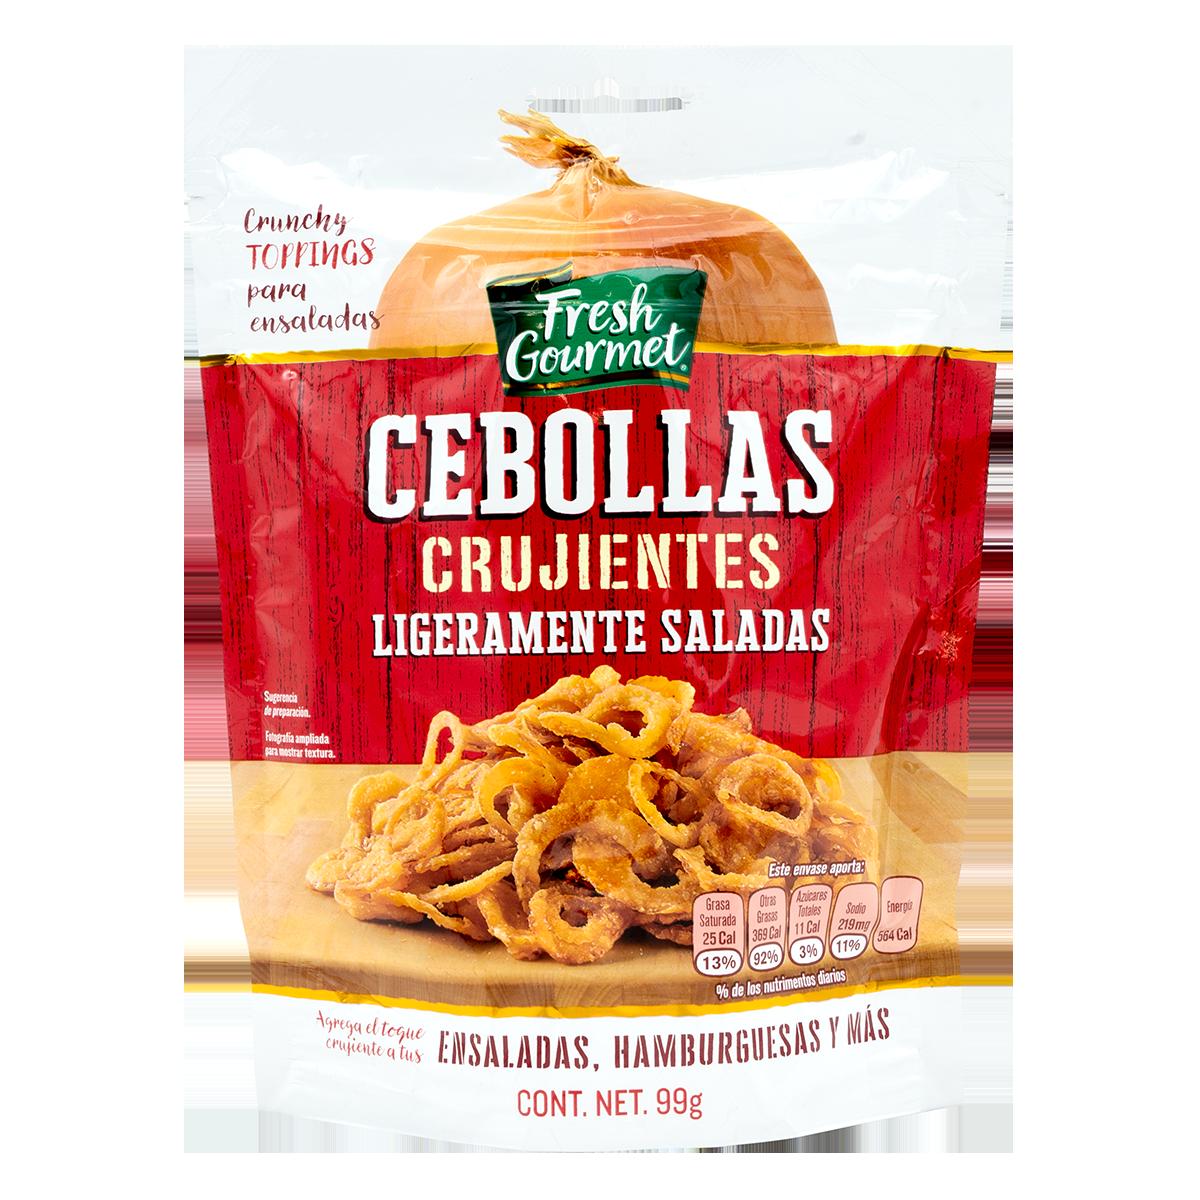 Fresh Gourmet - Cebollas Crujientes ligeramente saladas